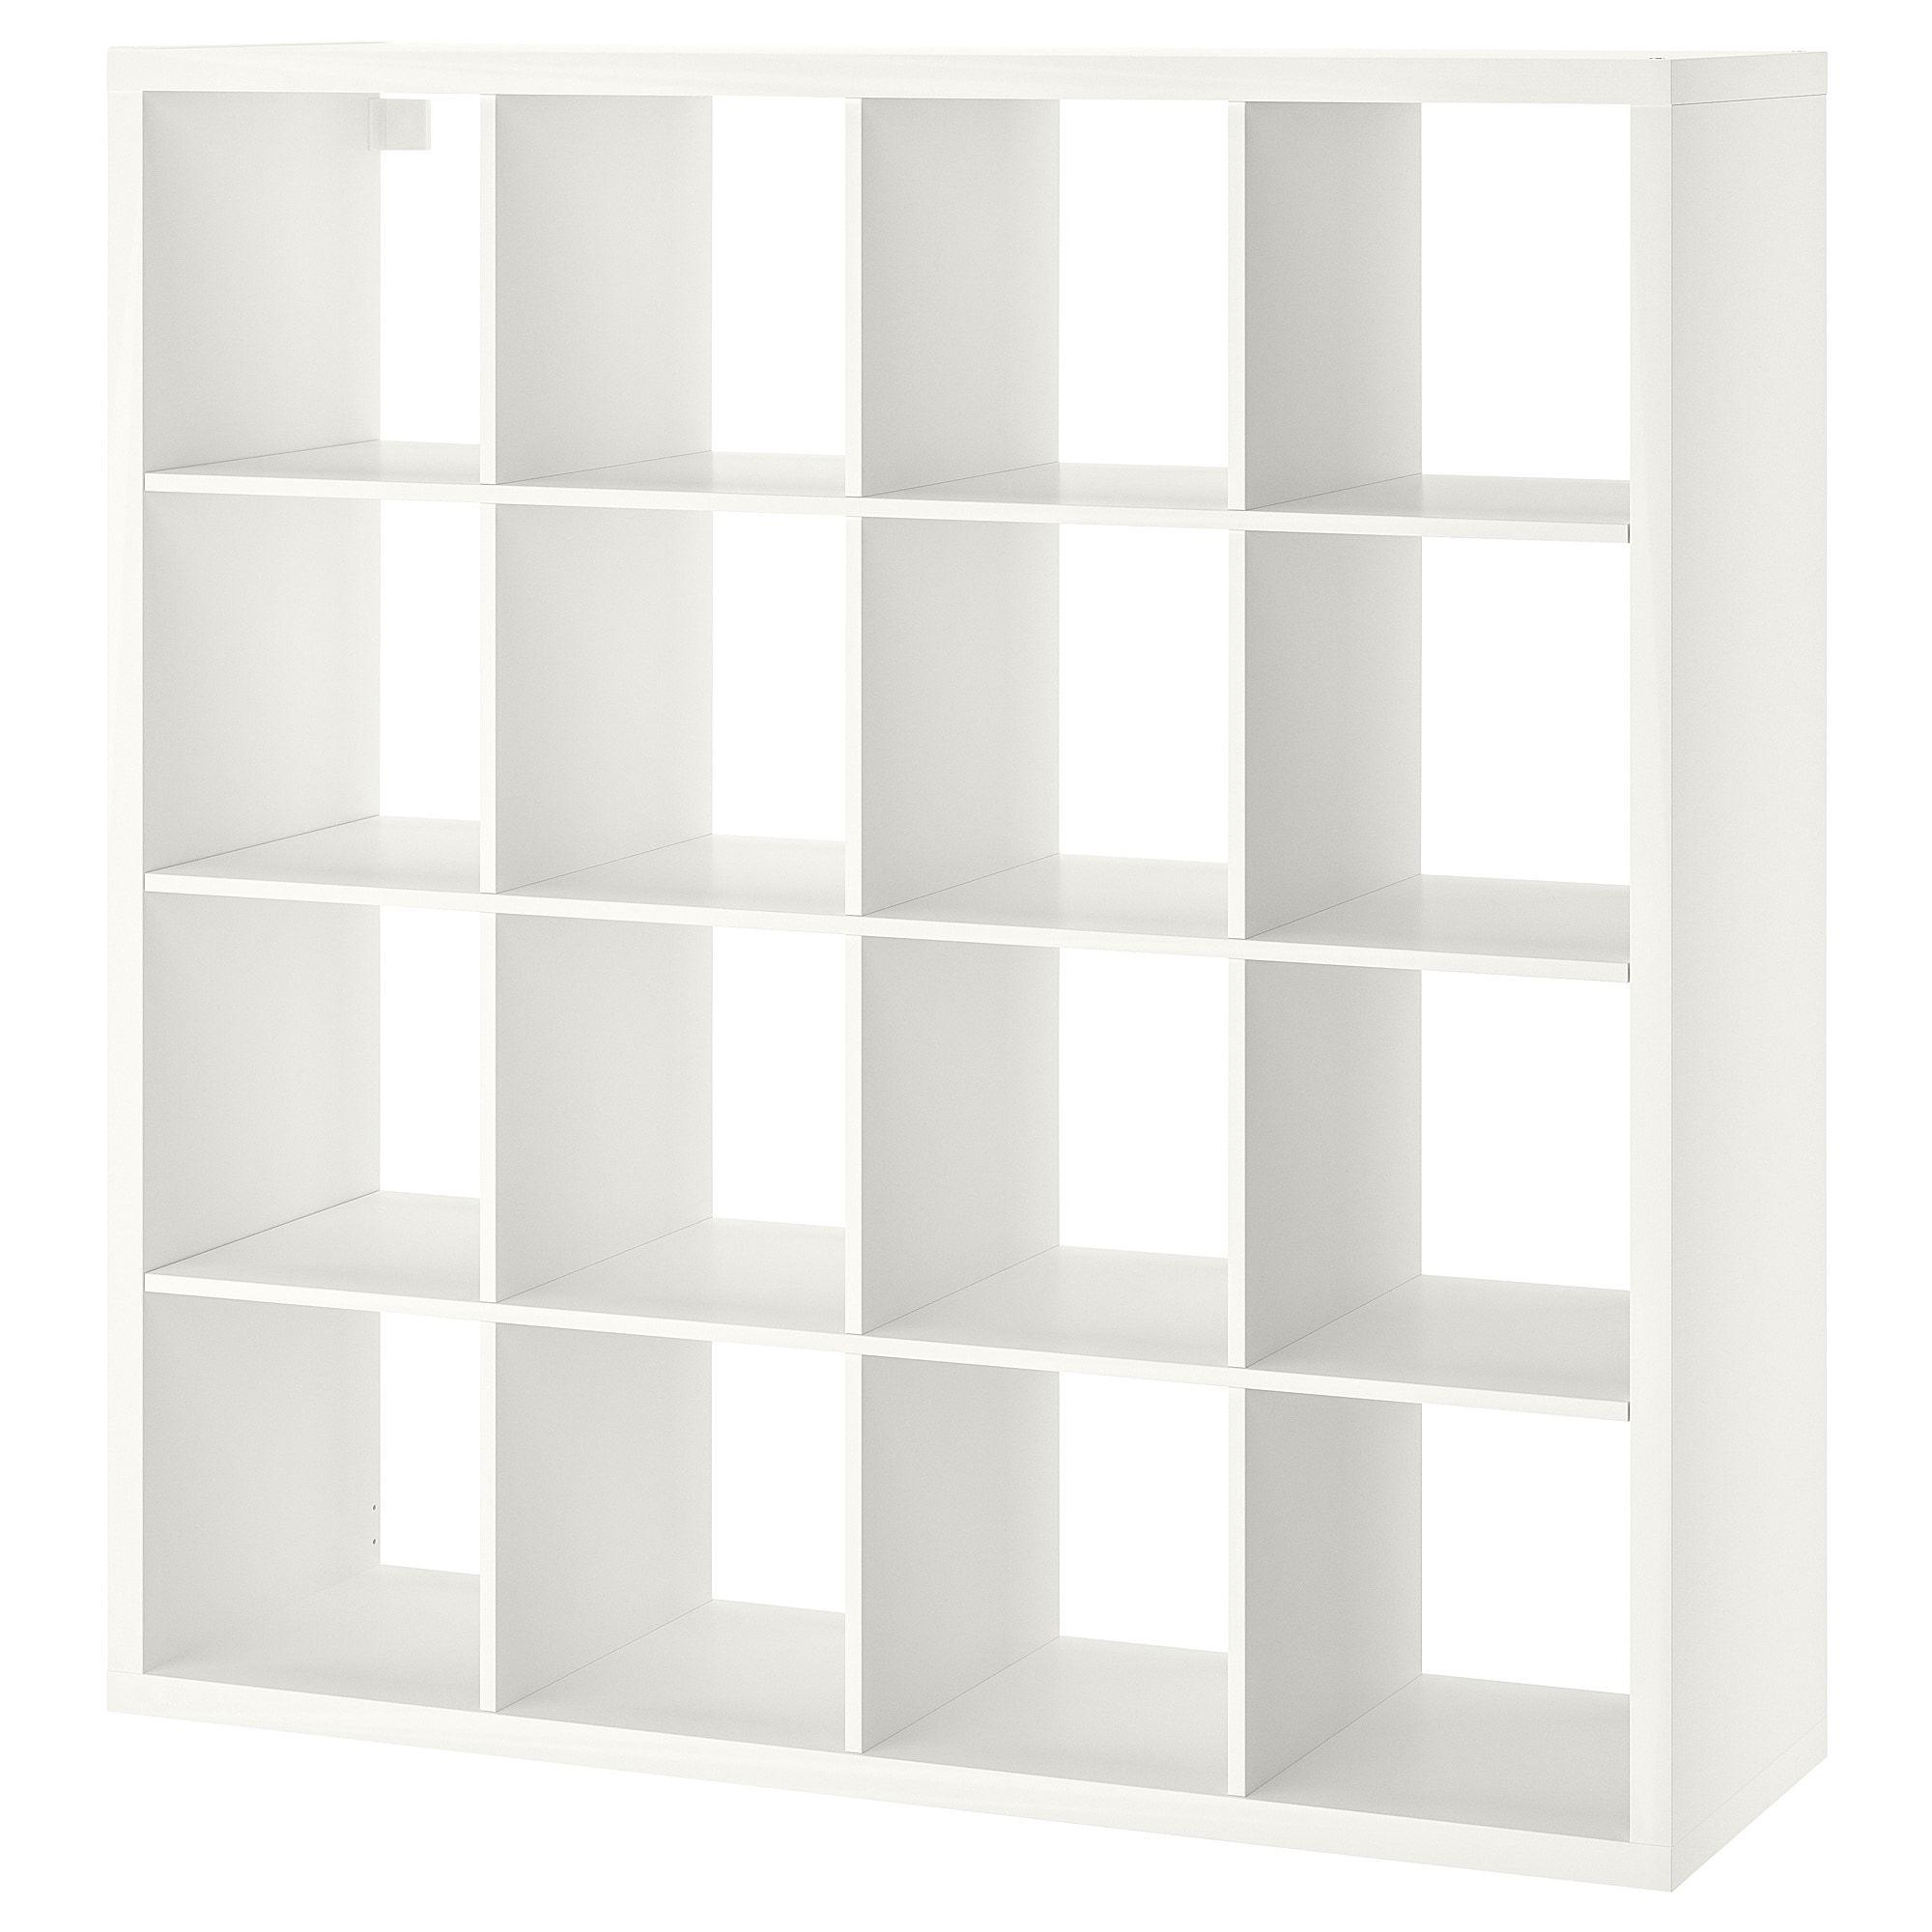 Kallax Shelf Unit White 57 7 8x57 7 8 With Images Ikea